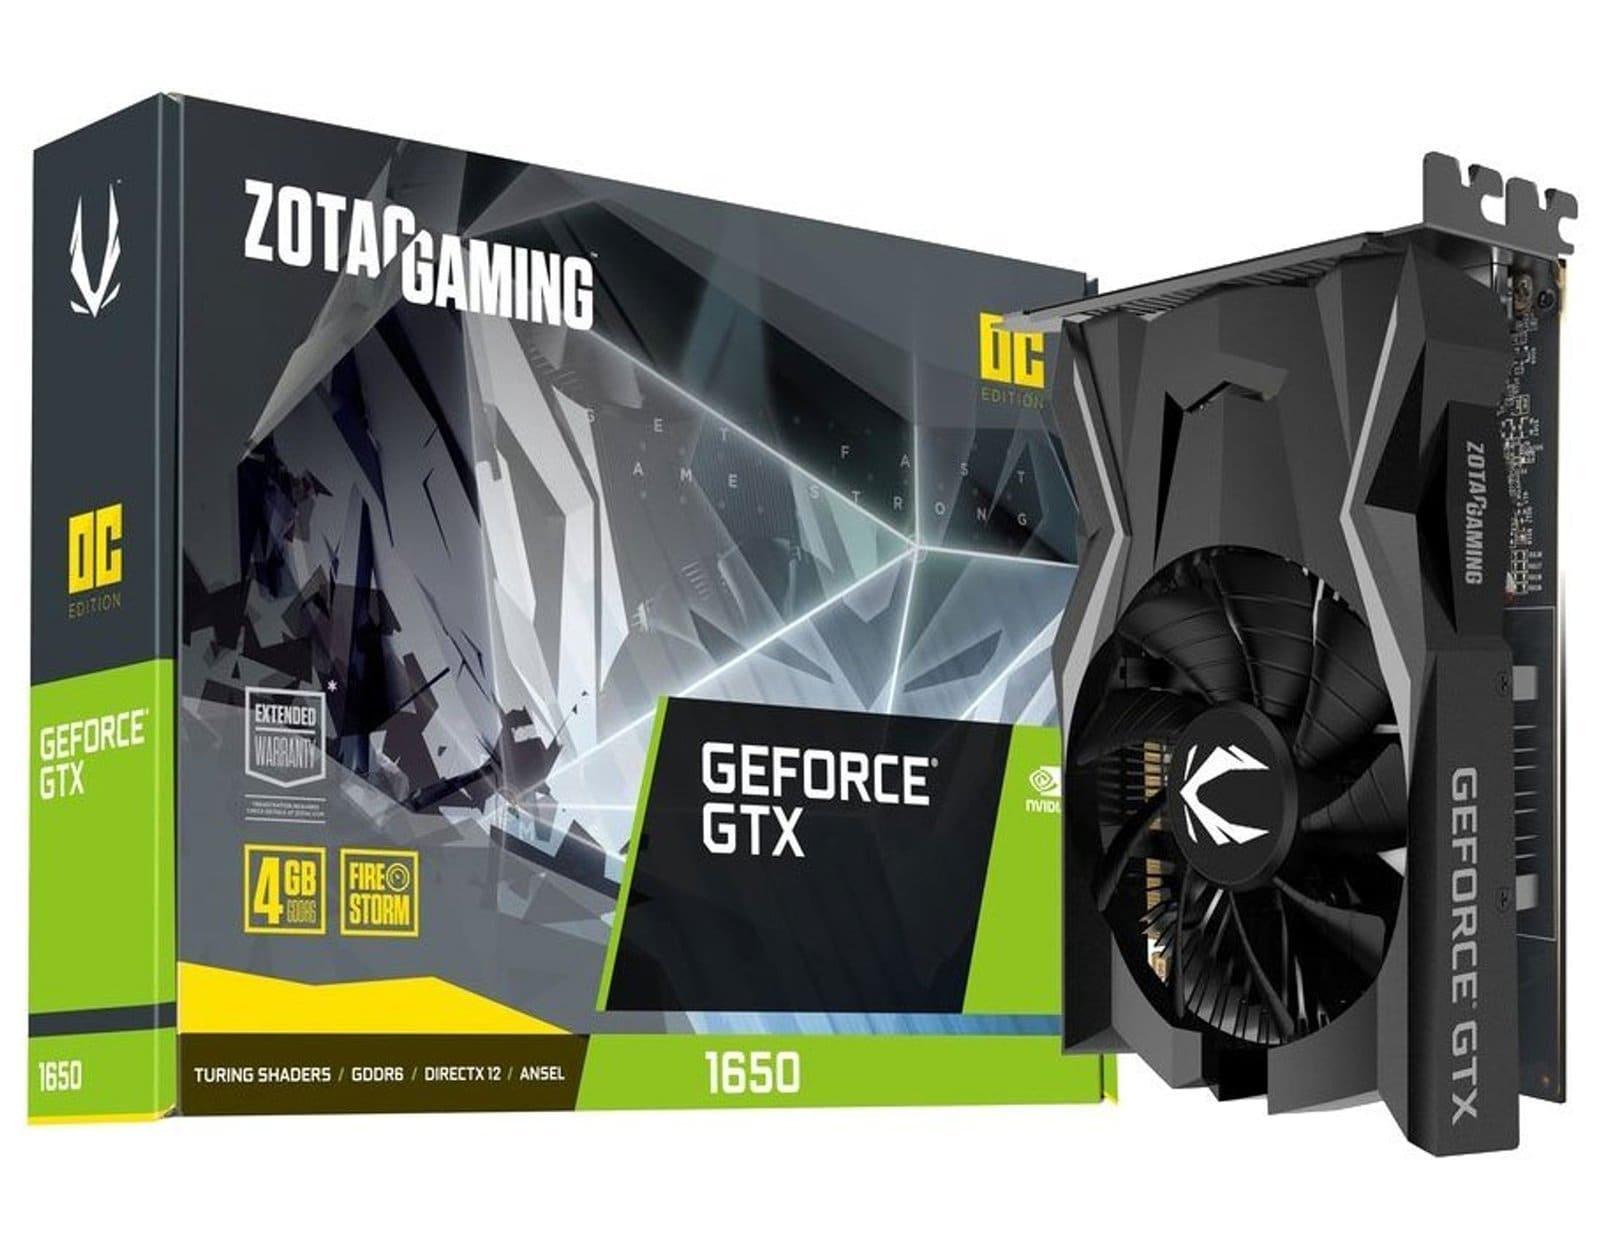 Gaming PC Intel Core i5-10400F / Zotac GeForce GTX 1650 4GB / 240GB SSD / 8GB DDR4 / WIN 10 PRO - 5